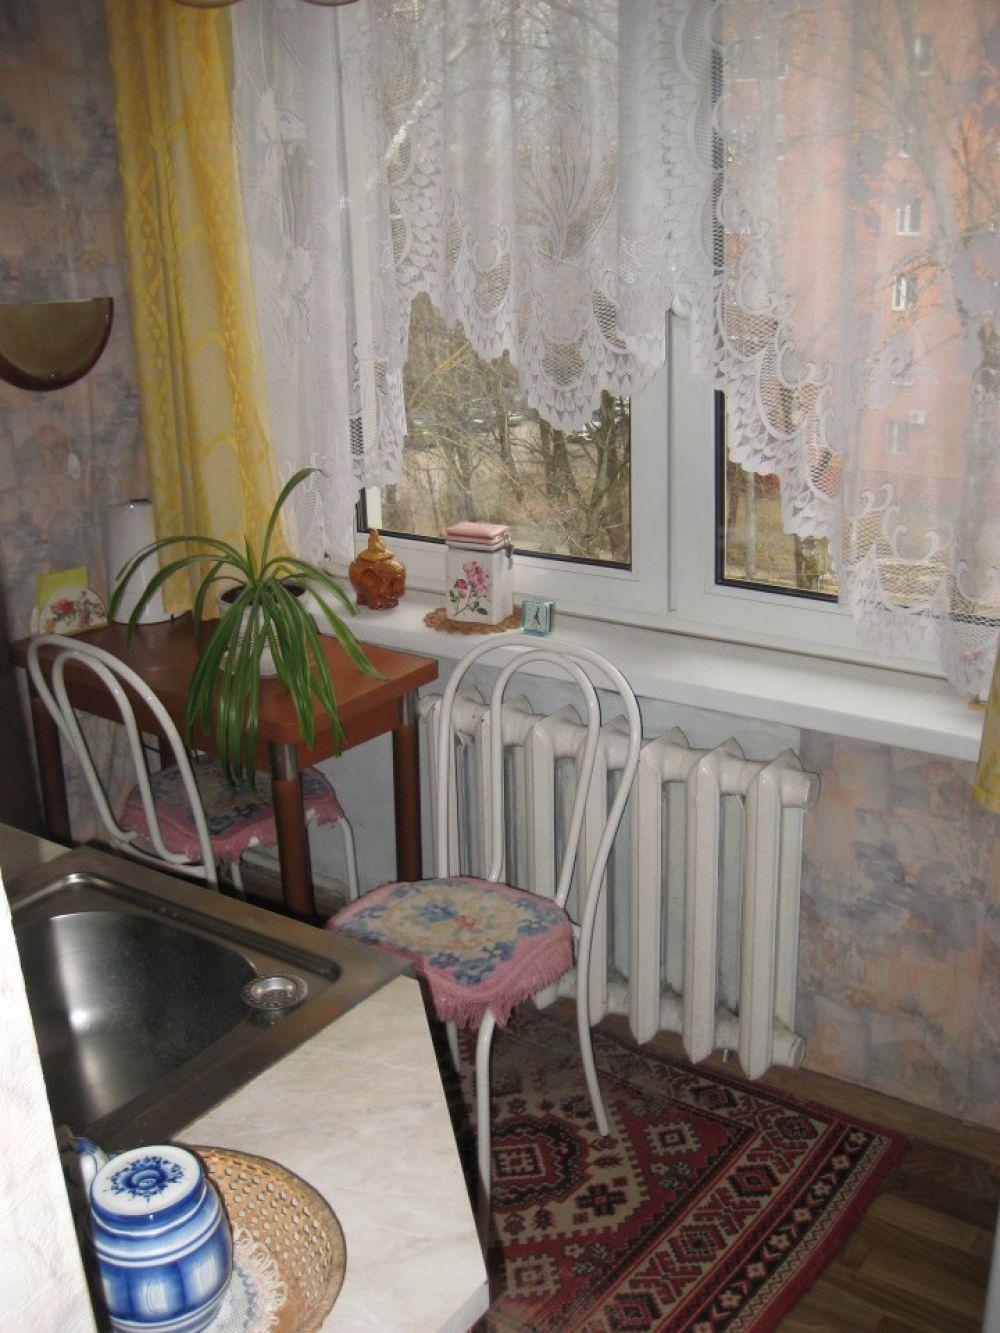 2-к квартира, Щелково, 1-й Советский, д.4, фото 9